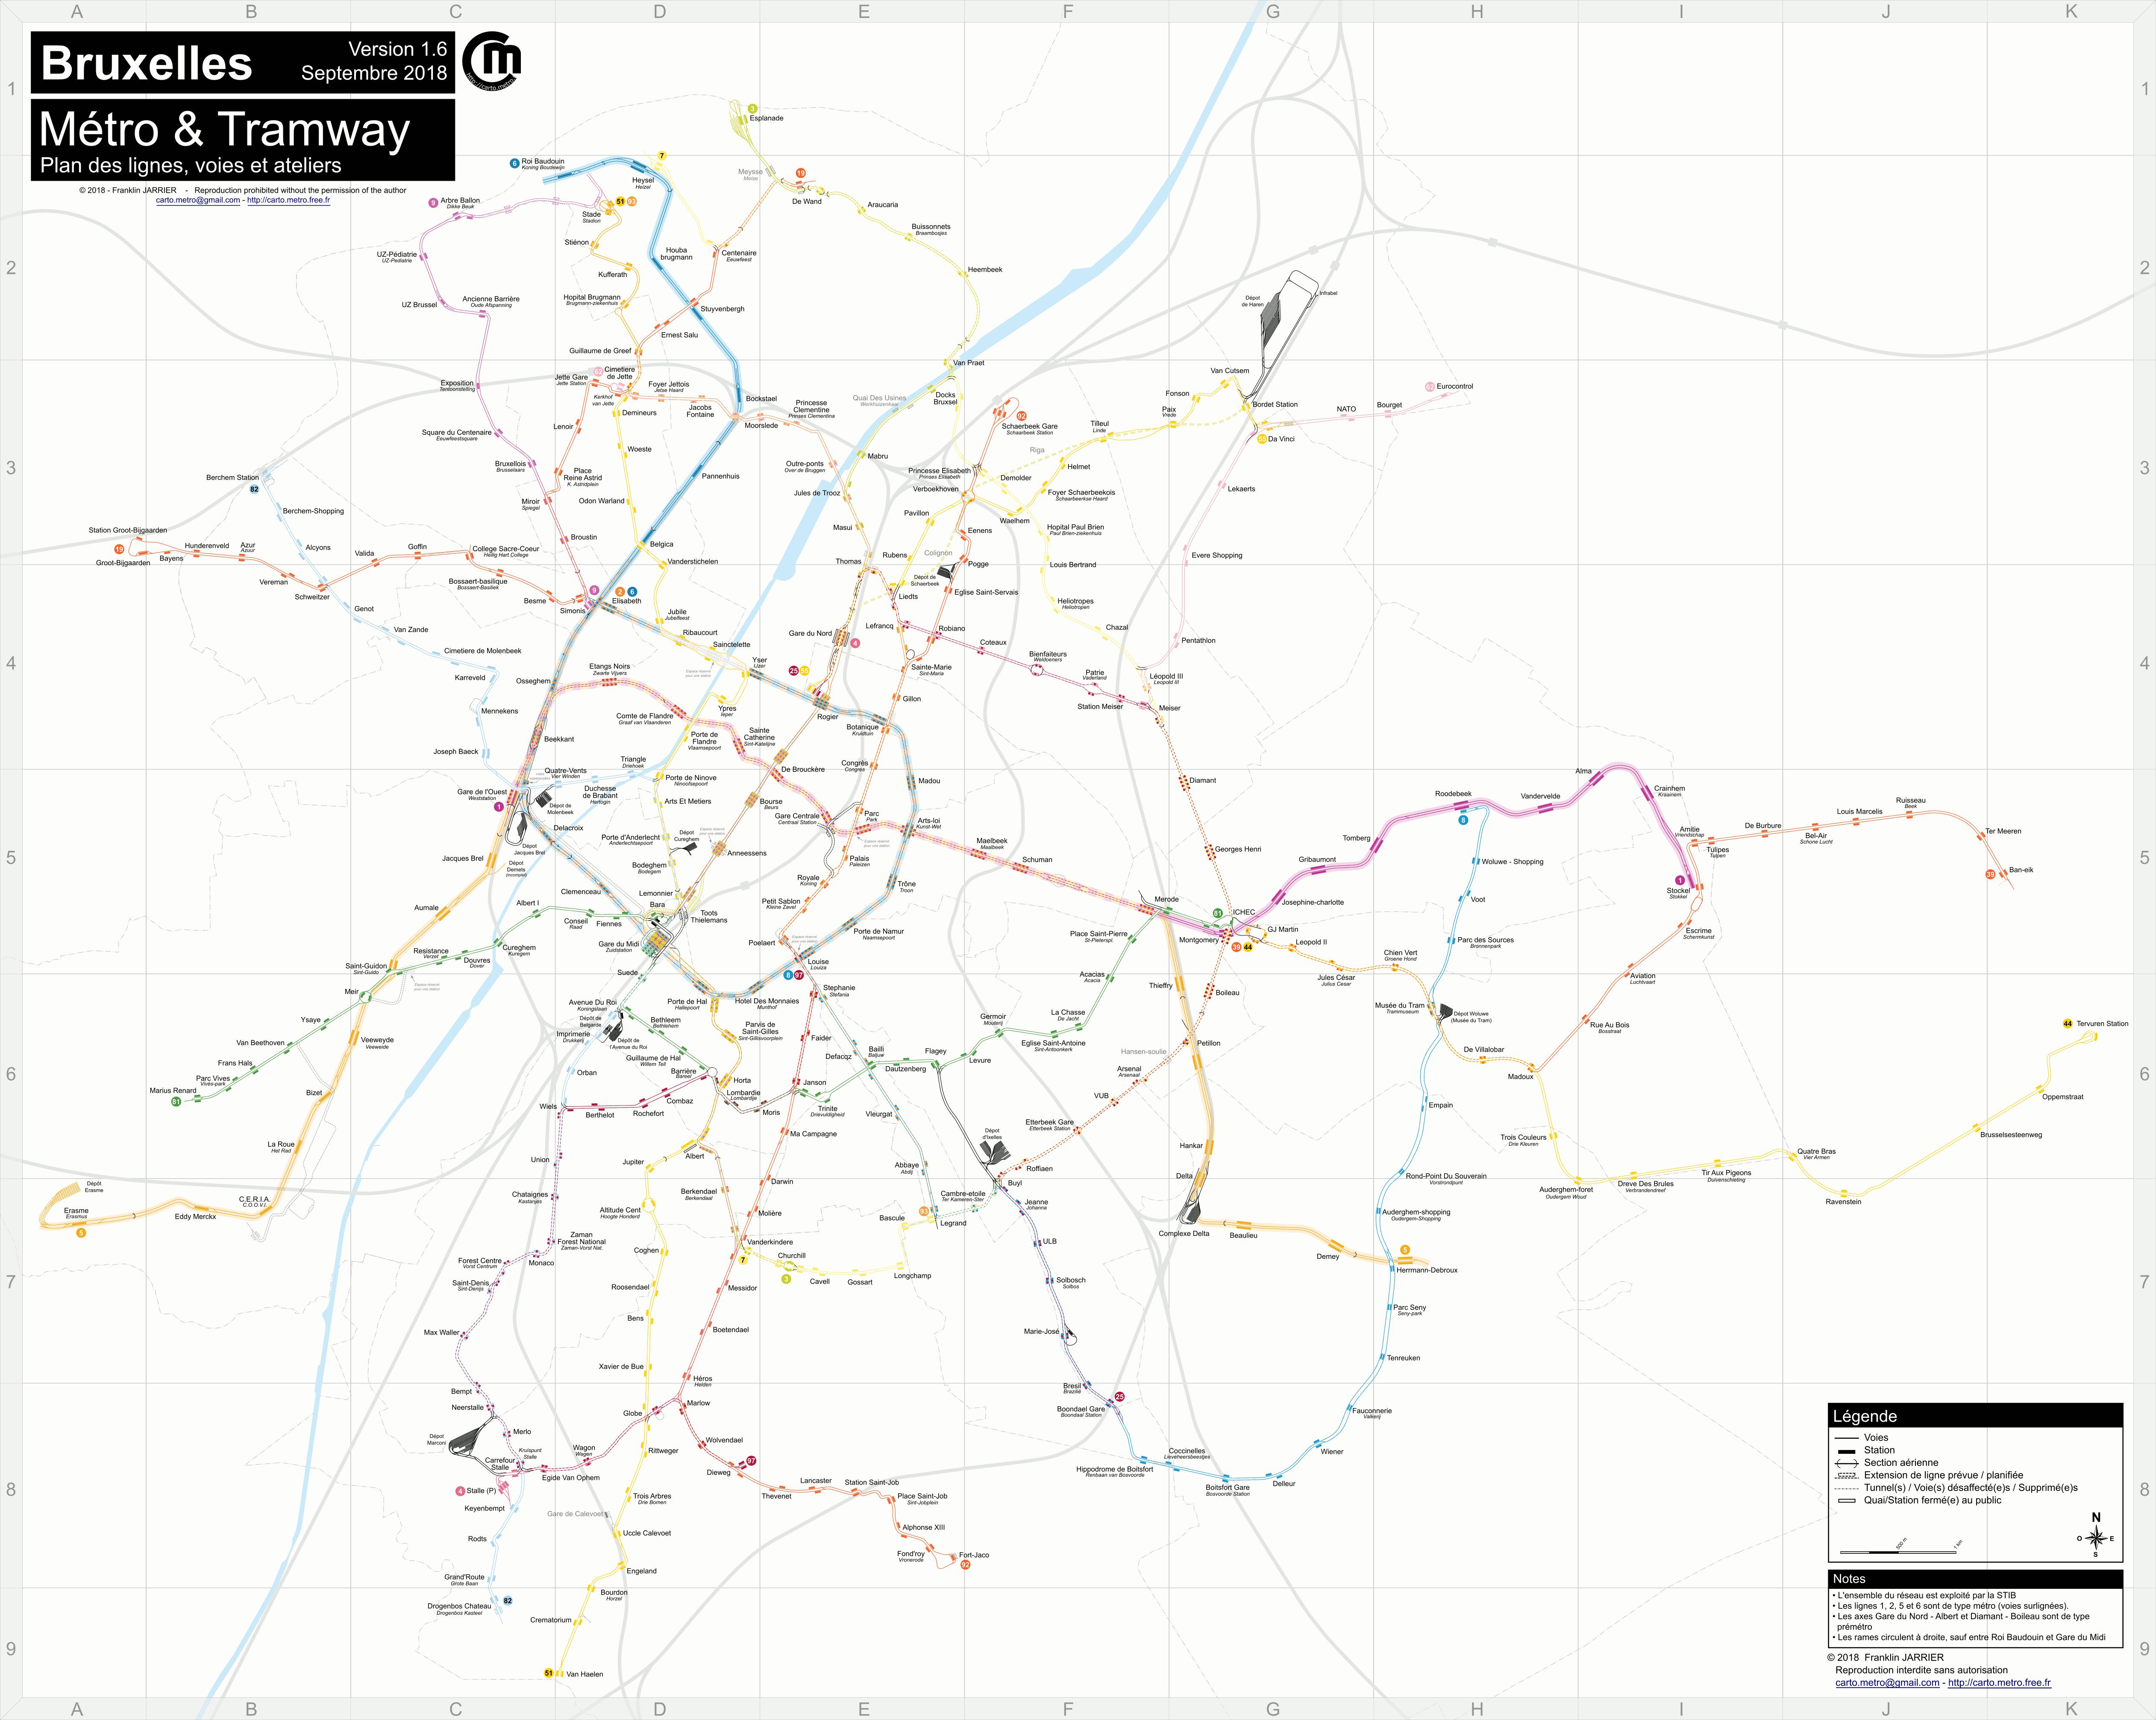 Carte détaillée du métro et tramway de Bruxelles (voies, ateliers)